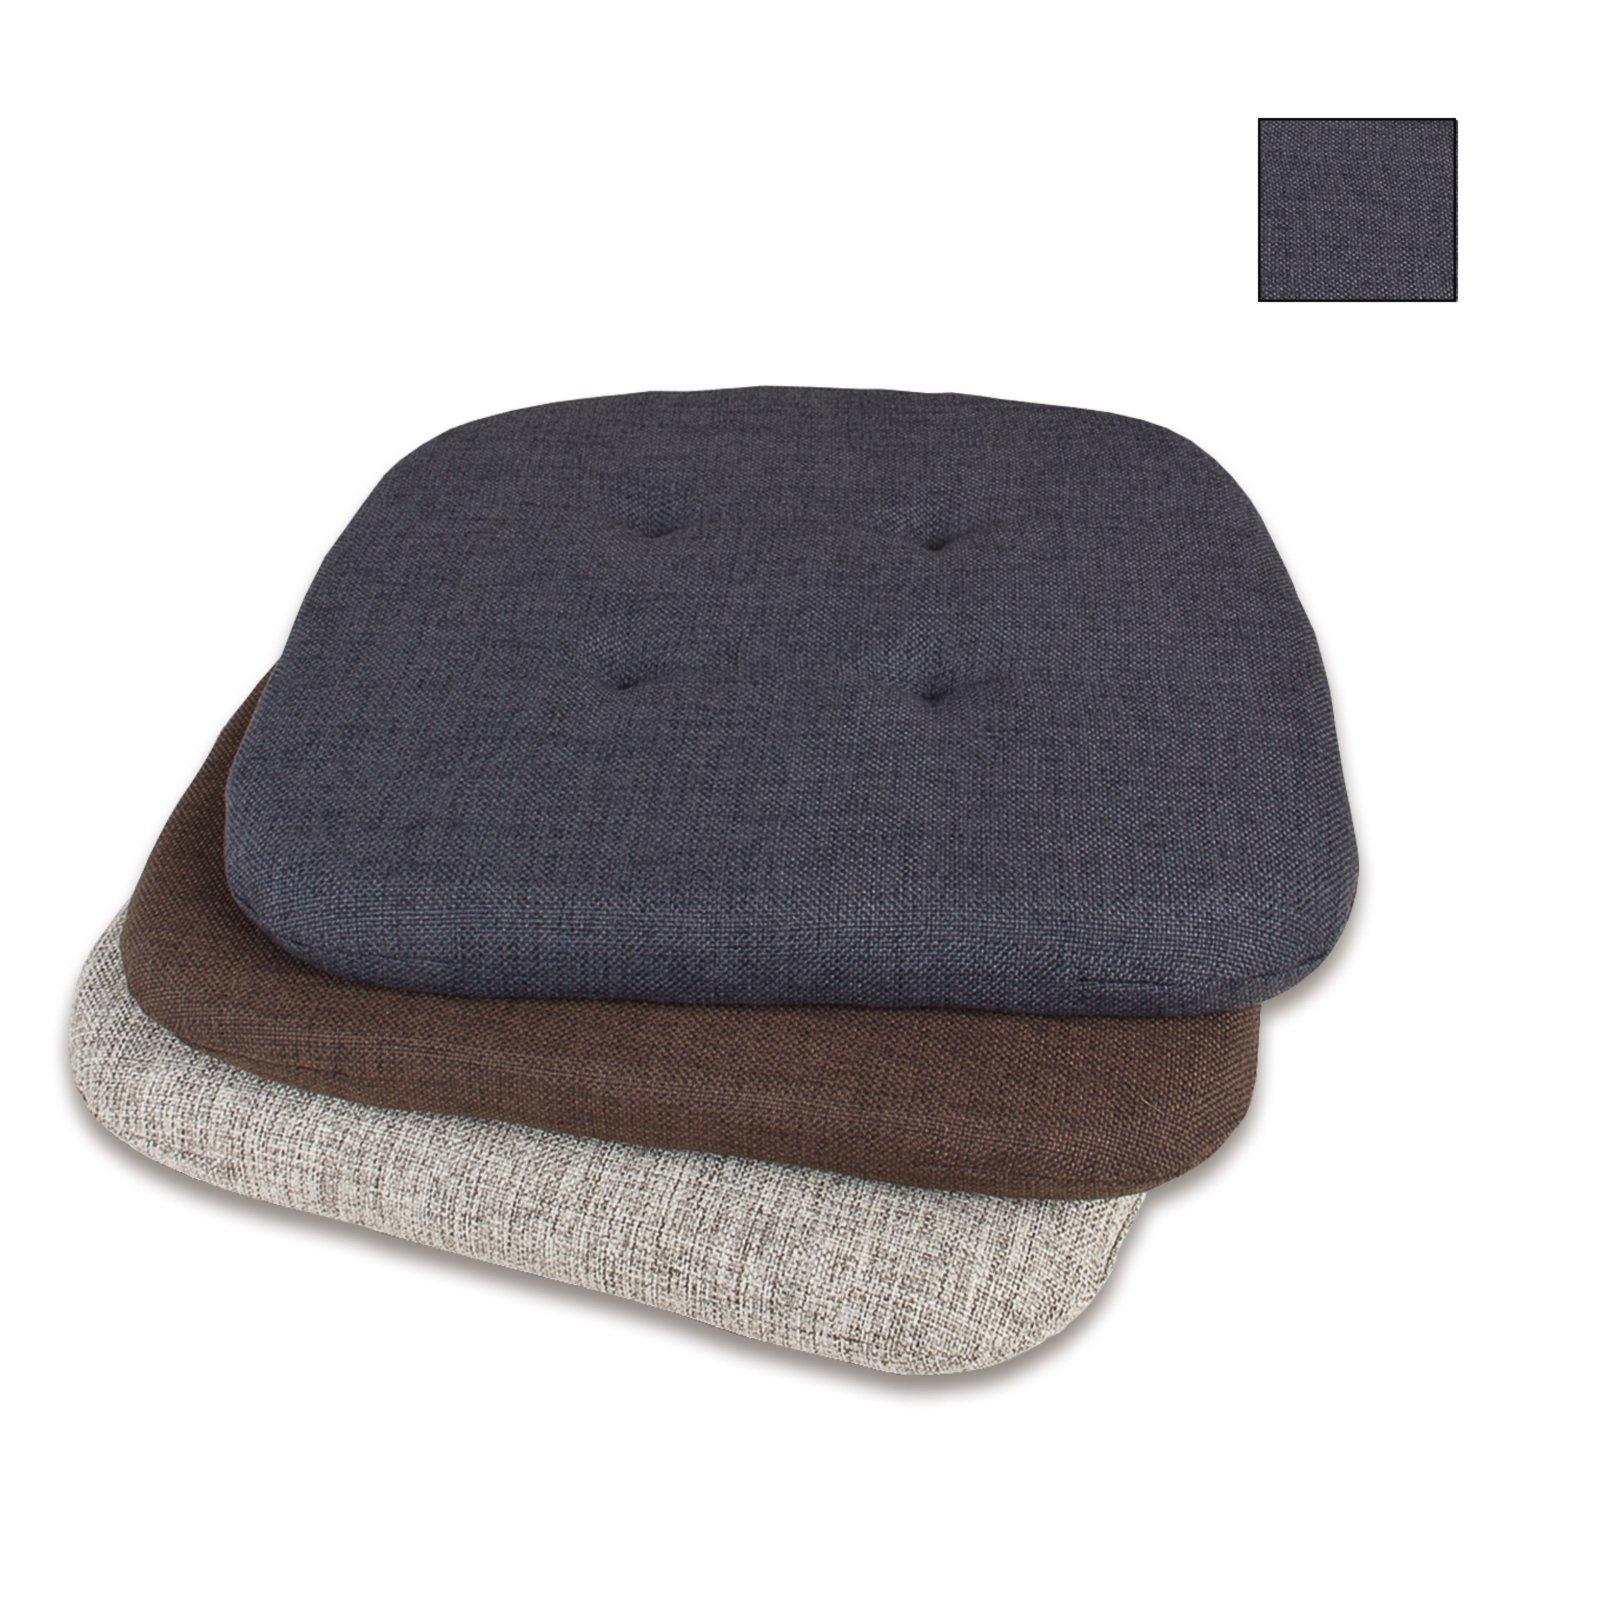 stuhlkissen forest anthrazit 41x41 cm stuhl. Black Bedroom Furniture Sets. Home Design Ideas